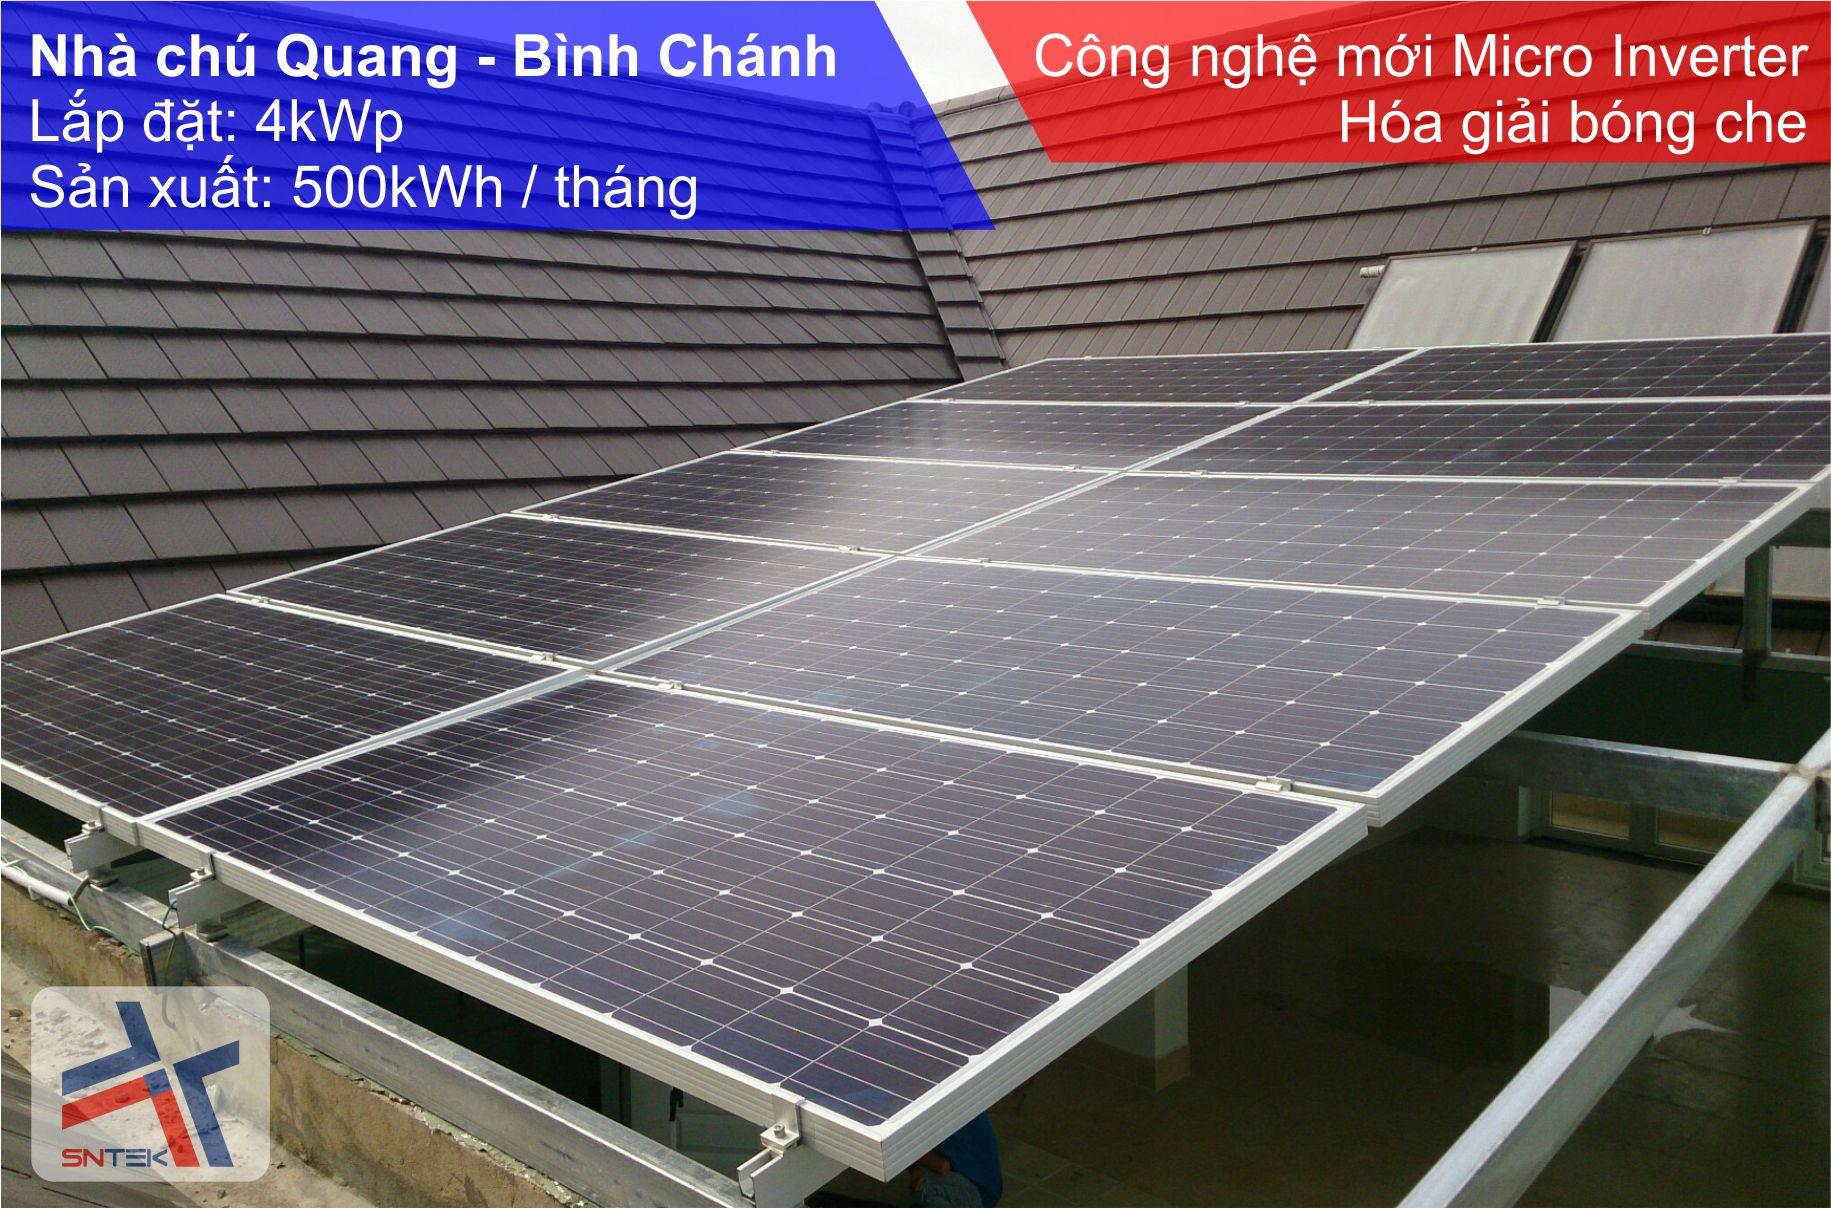 ChuQuang_BinhChanh